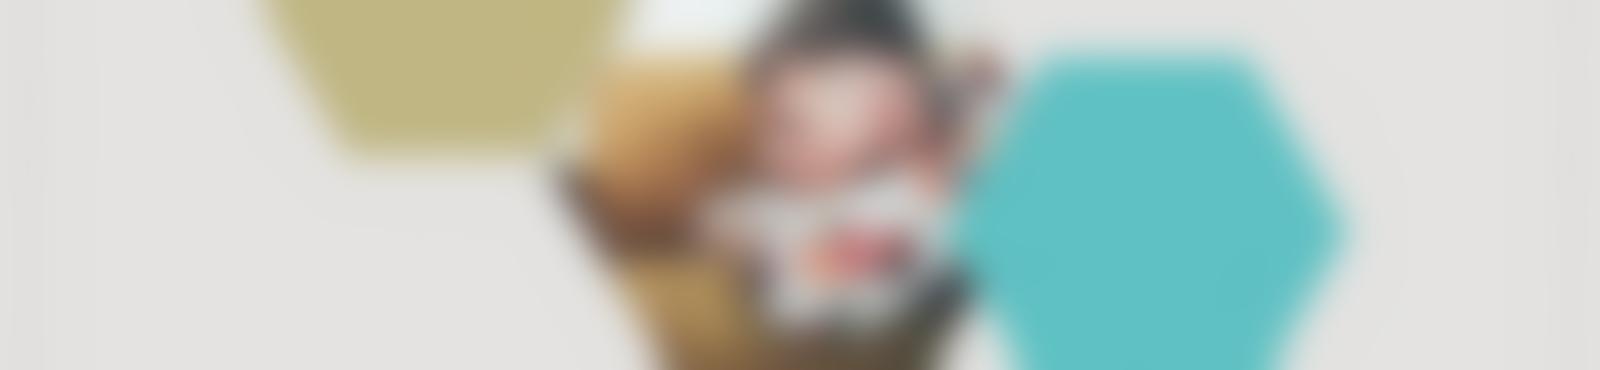 Blurred fbe5e252 2563 42bf a201 5433b503772b